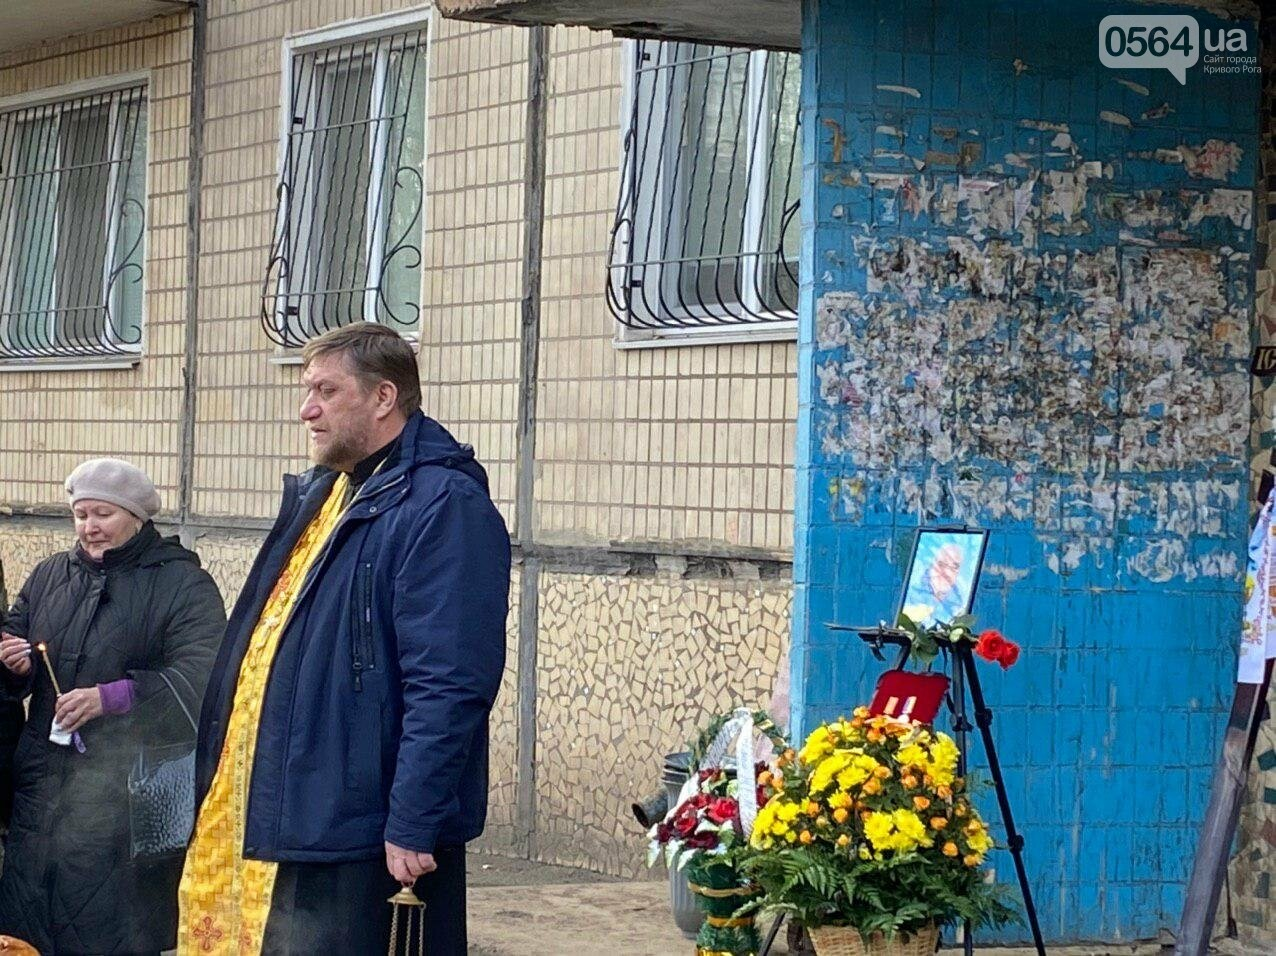 Кривой Рог прощается с патриотом - волонтером Андреем Садыло, - ФОТО, ВИДЕО, фото-2